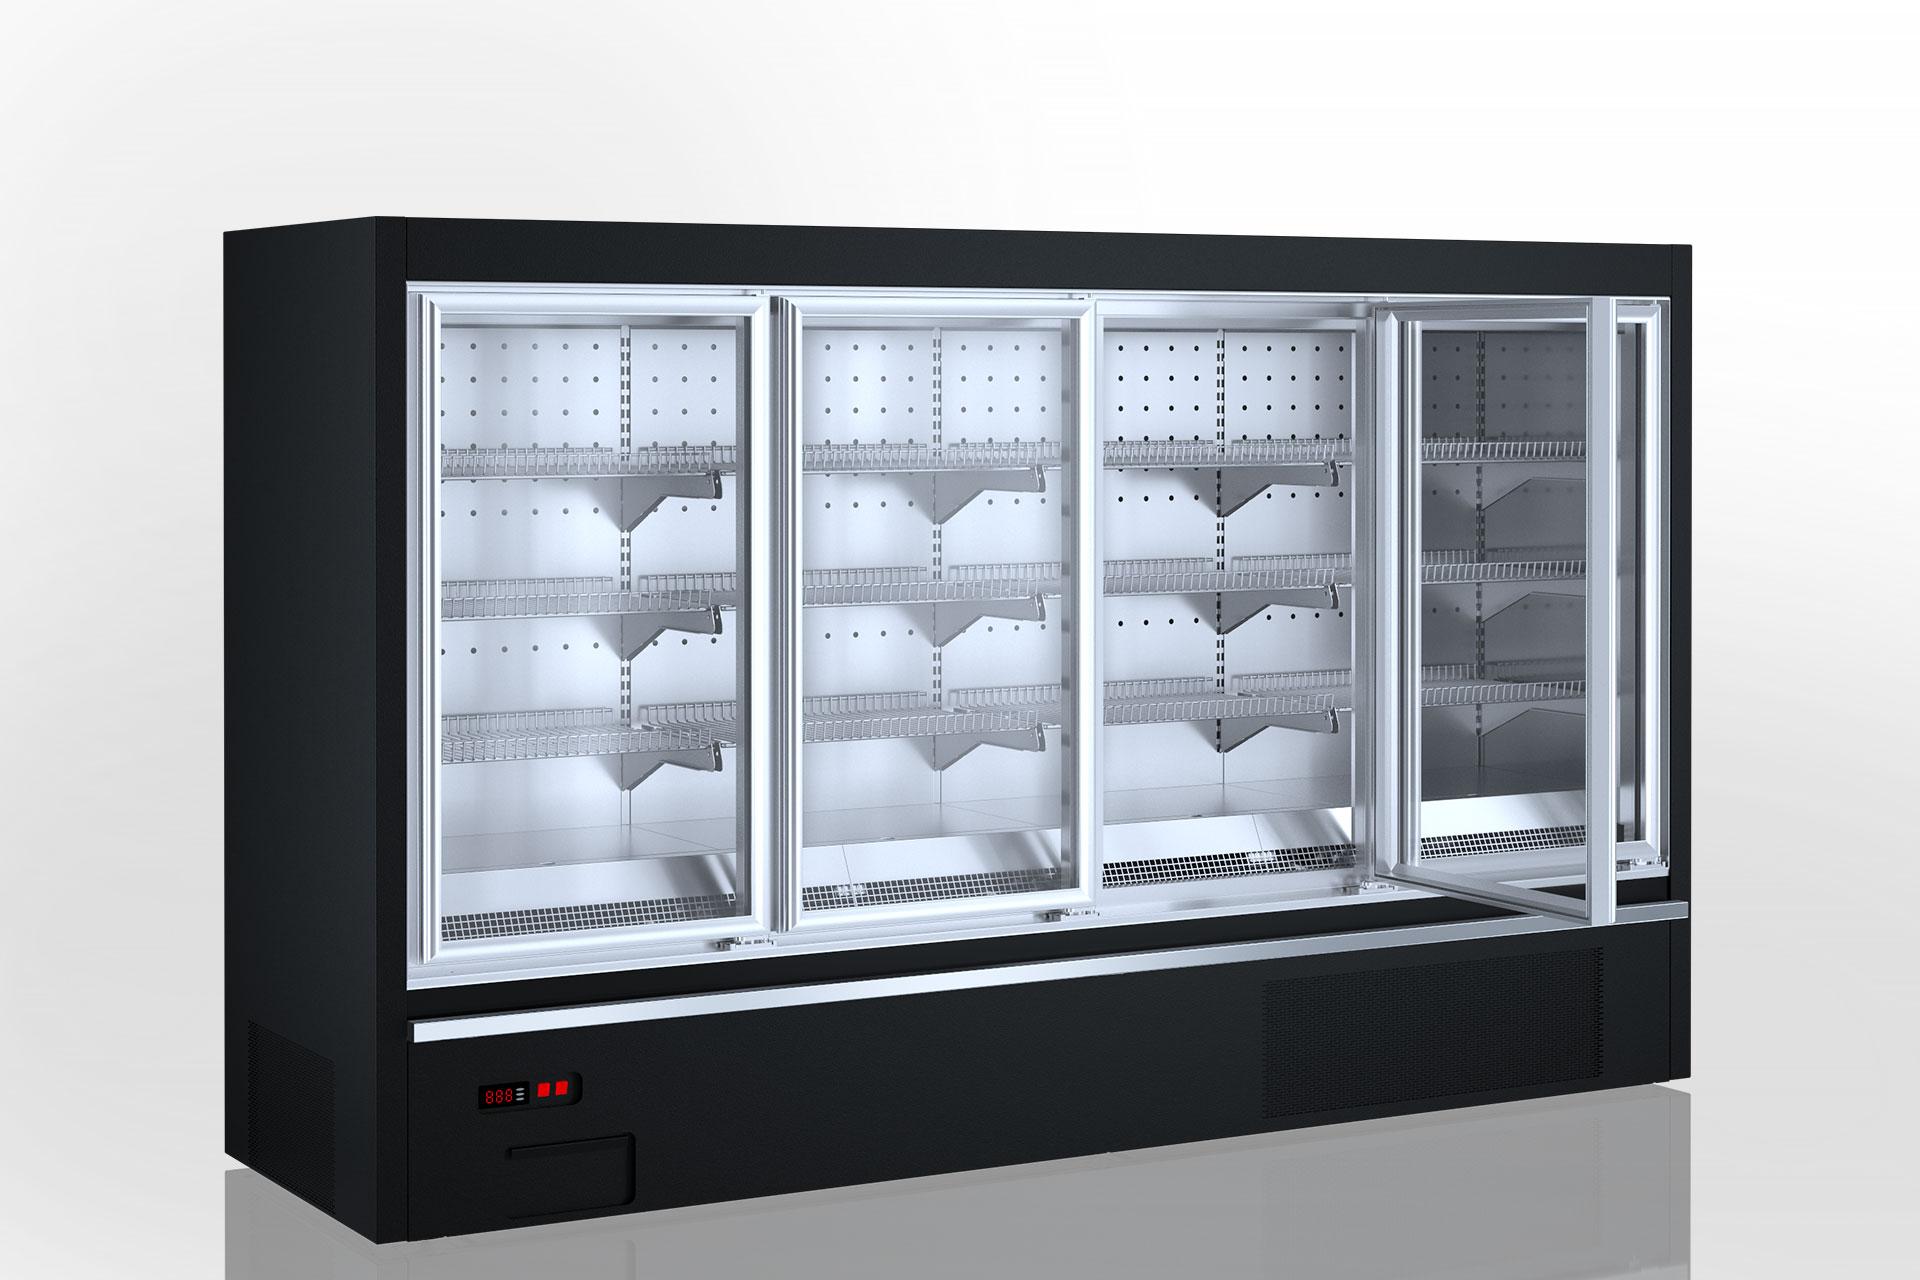 Холодильні напіввертикальні вітрини Indiana eco AV 070 LT D 160-DLM/DLA